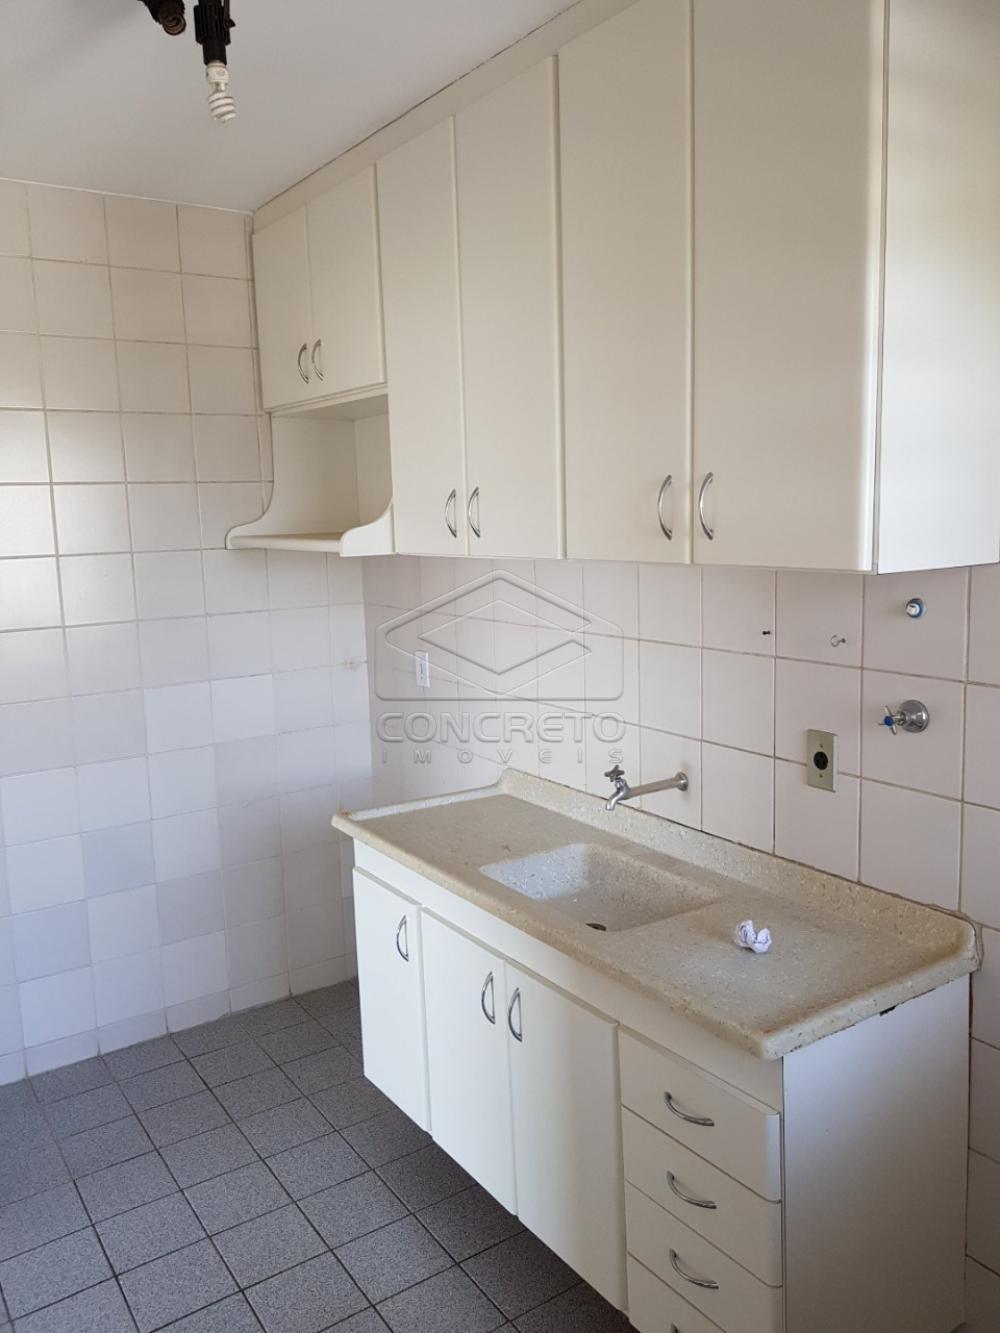 Comprar Apartamento / Padrão em Bauru R$ 113.000,00 - Foto 5